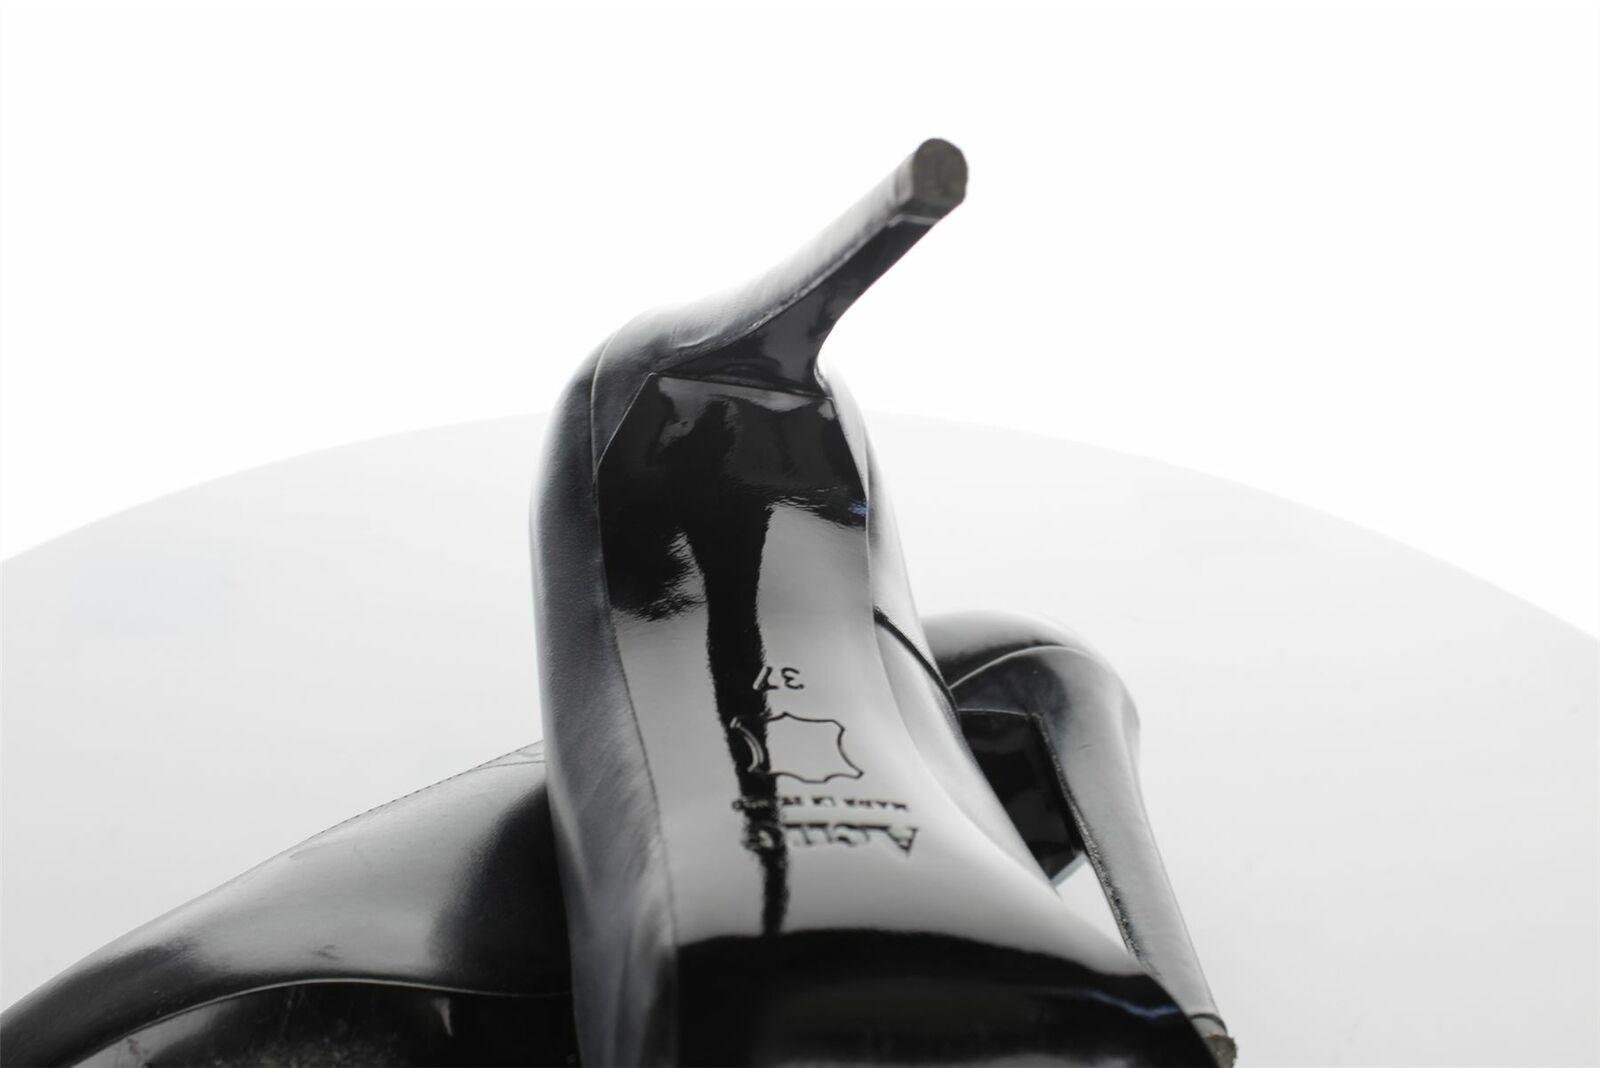 Acne Black Leather Heels, UK 4 US 7 7 7 EU 37 996d9b